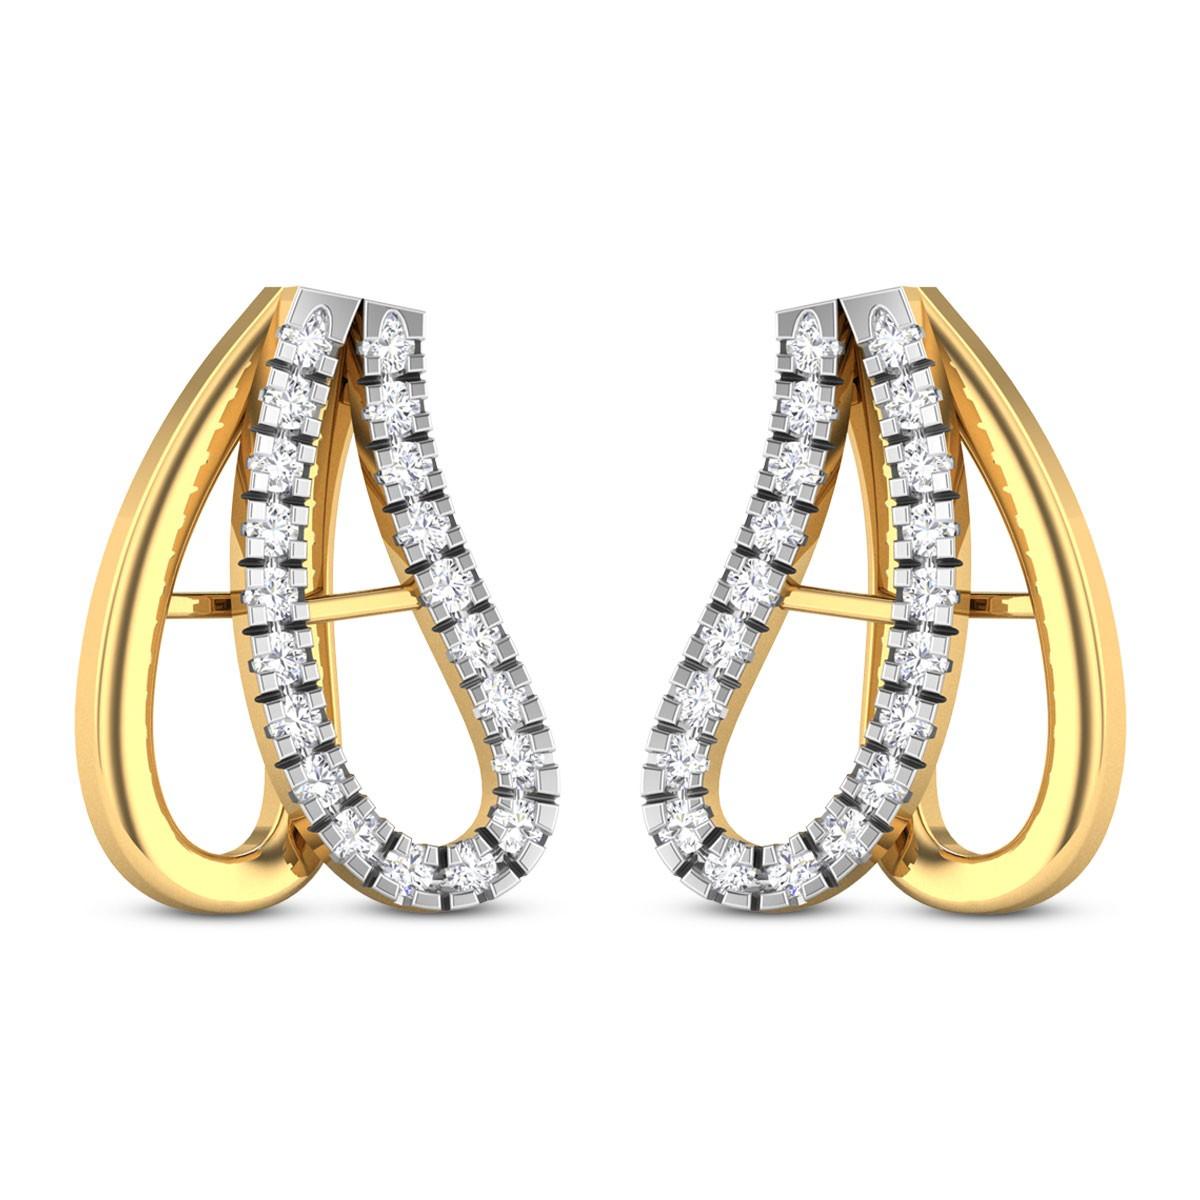 Ohiyo Diamond Stud Earrings